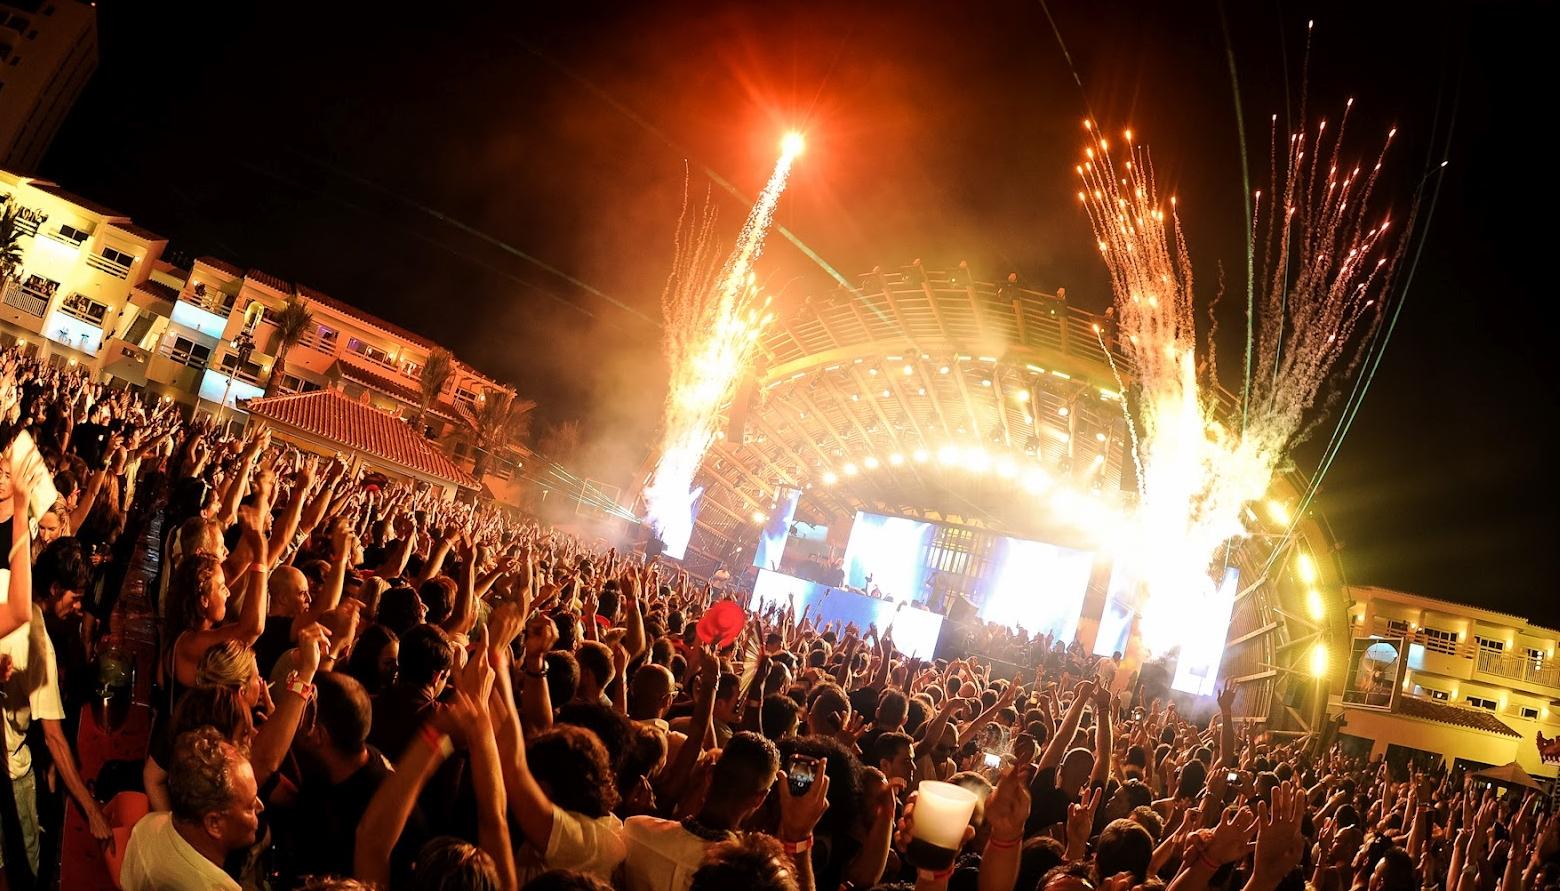 personas,música,concierto,bailar,cantar,ambiente